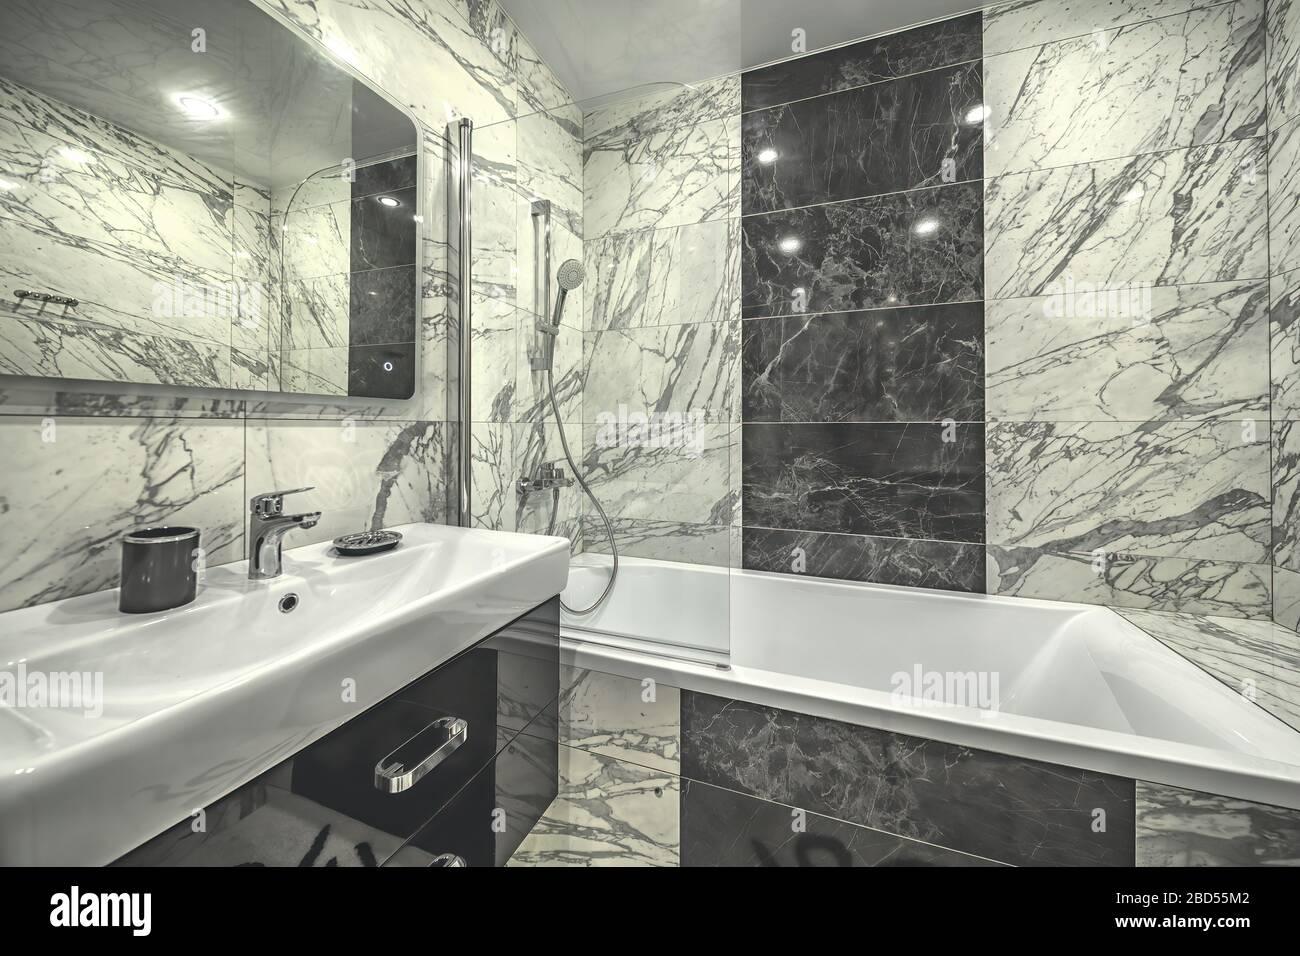 Einfarbiges Badezimmer Stockfotos und -bilder Kaufen - Alamy